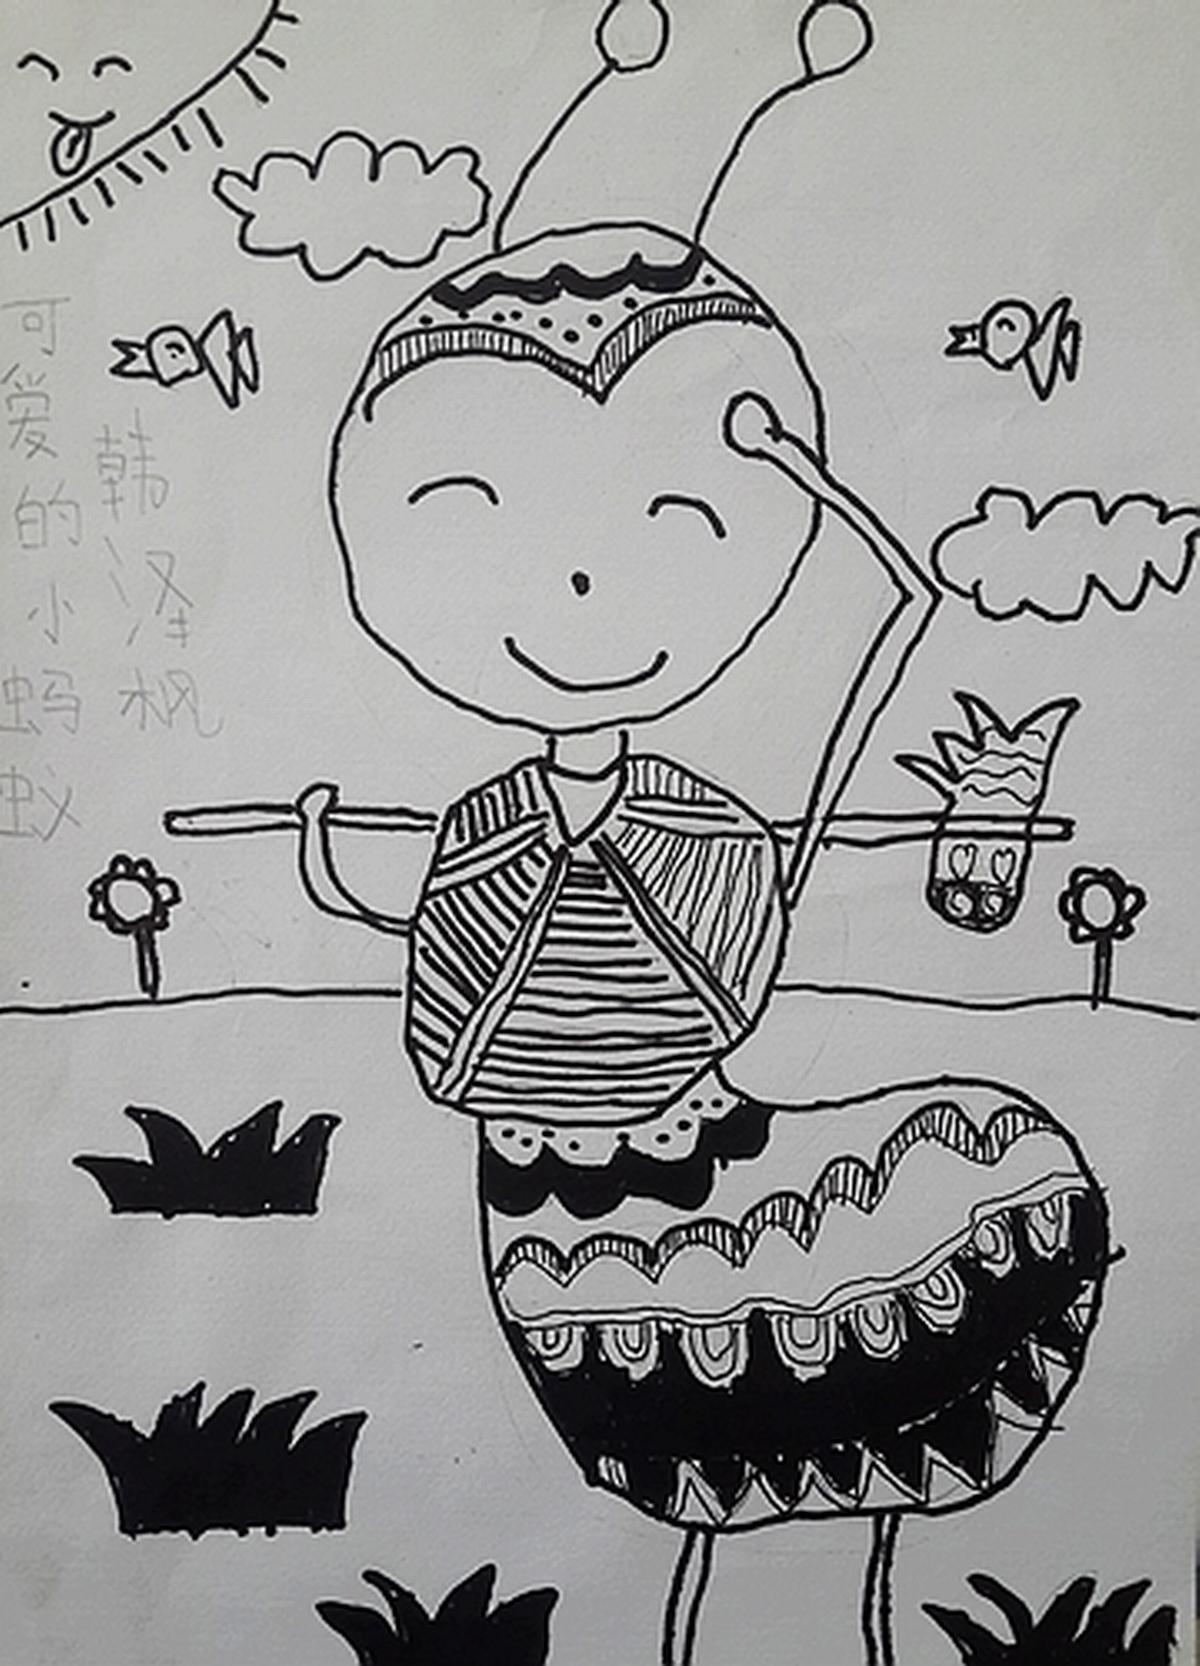 小蚂蚁  中国少儿艺术网—2015少儿书画大赛